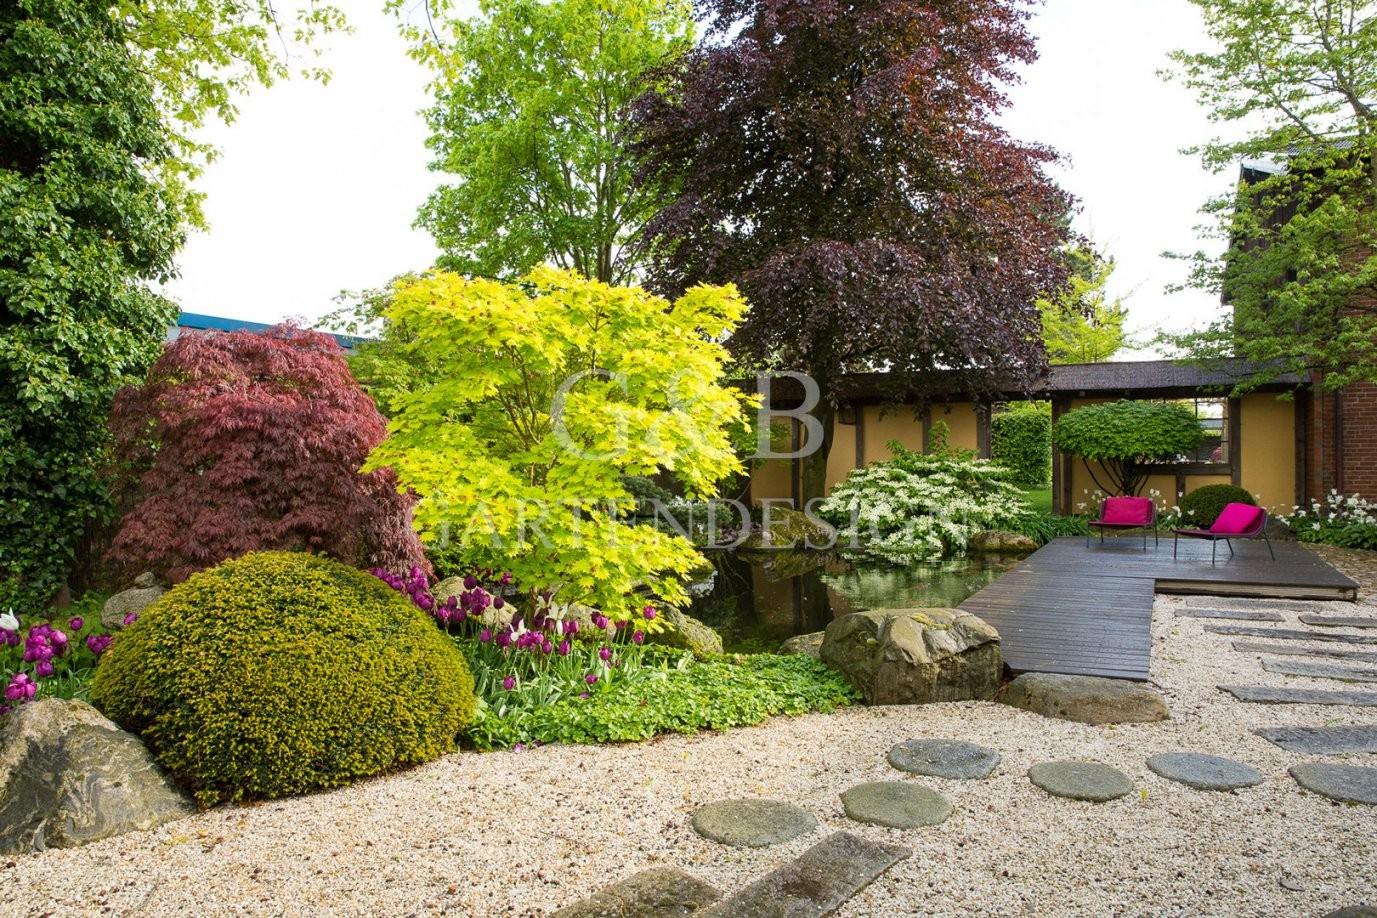 8 Innovativ Pflanzen Fur Japanischen Garten Bilder  Vorteiles von Pflanzen Im Japanischen Garten Photo